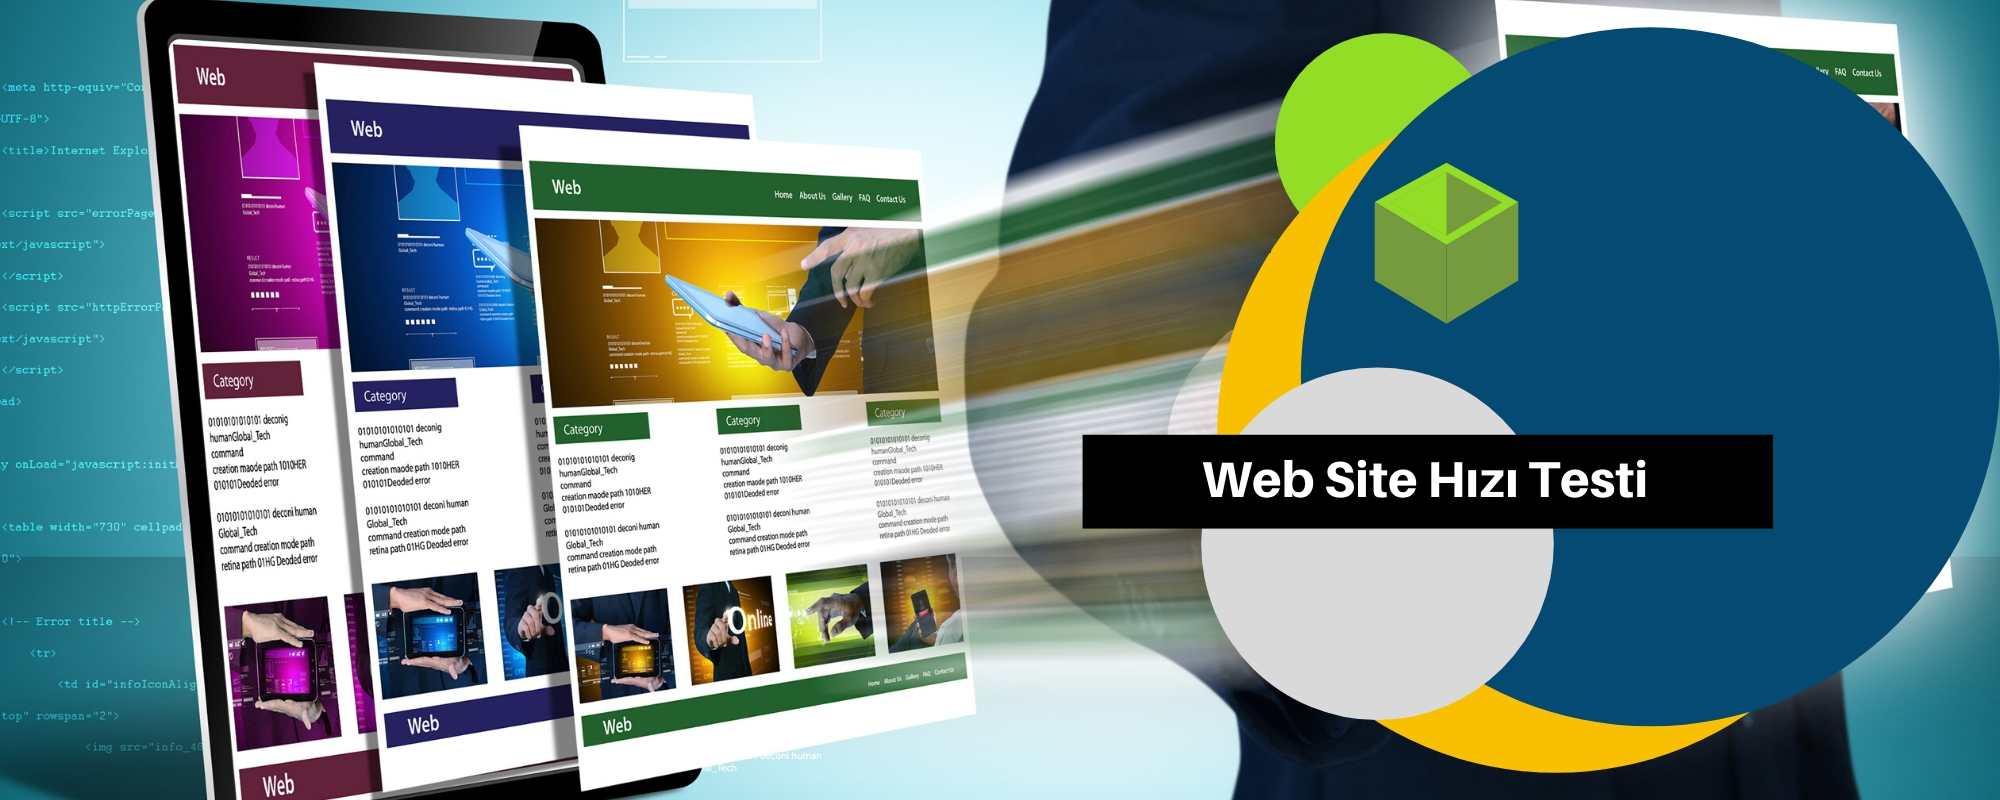 Web Site Hızı Testi